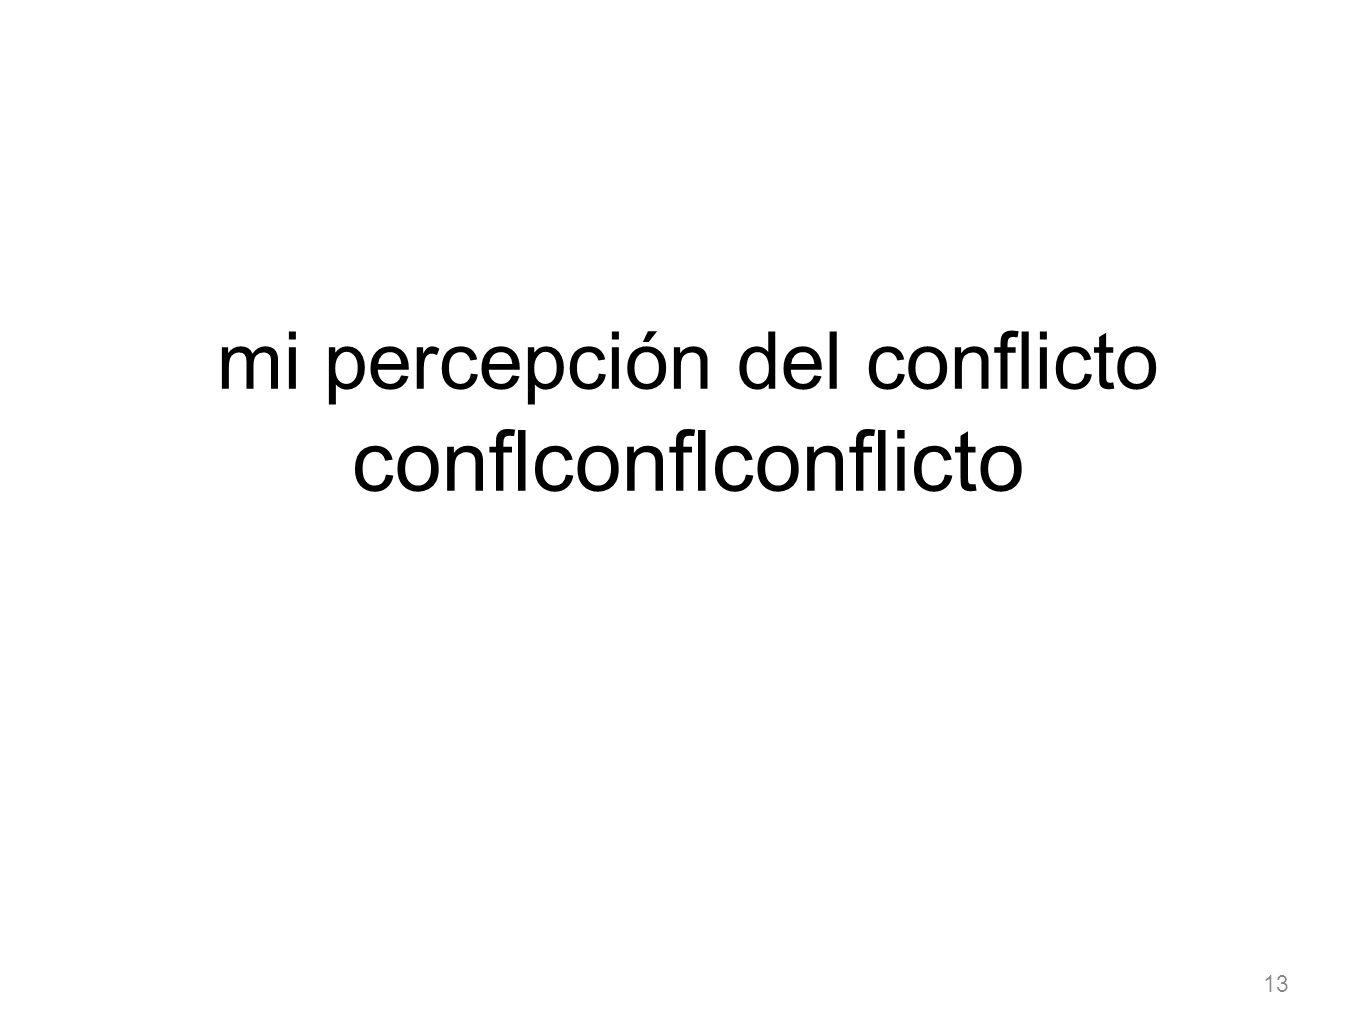 mi percepción del conflicto conflconflconflicto